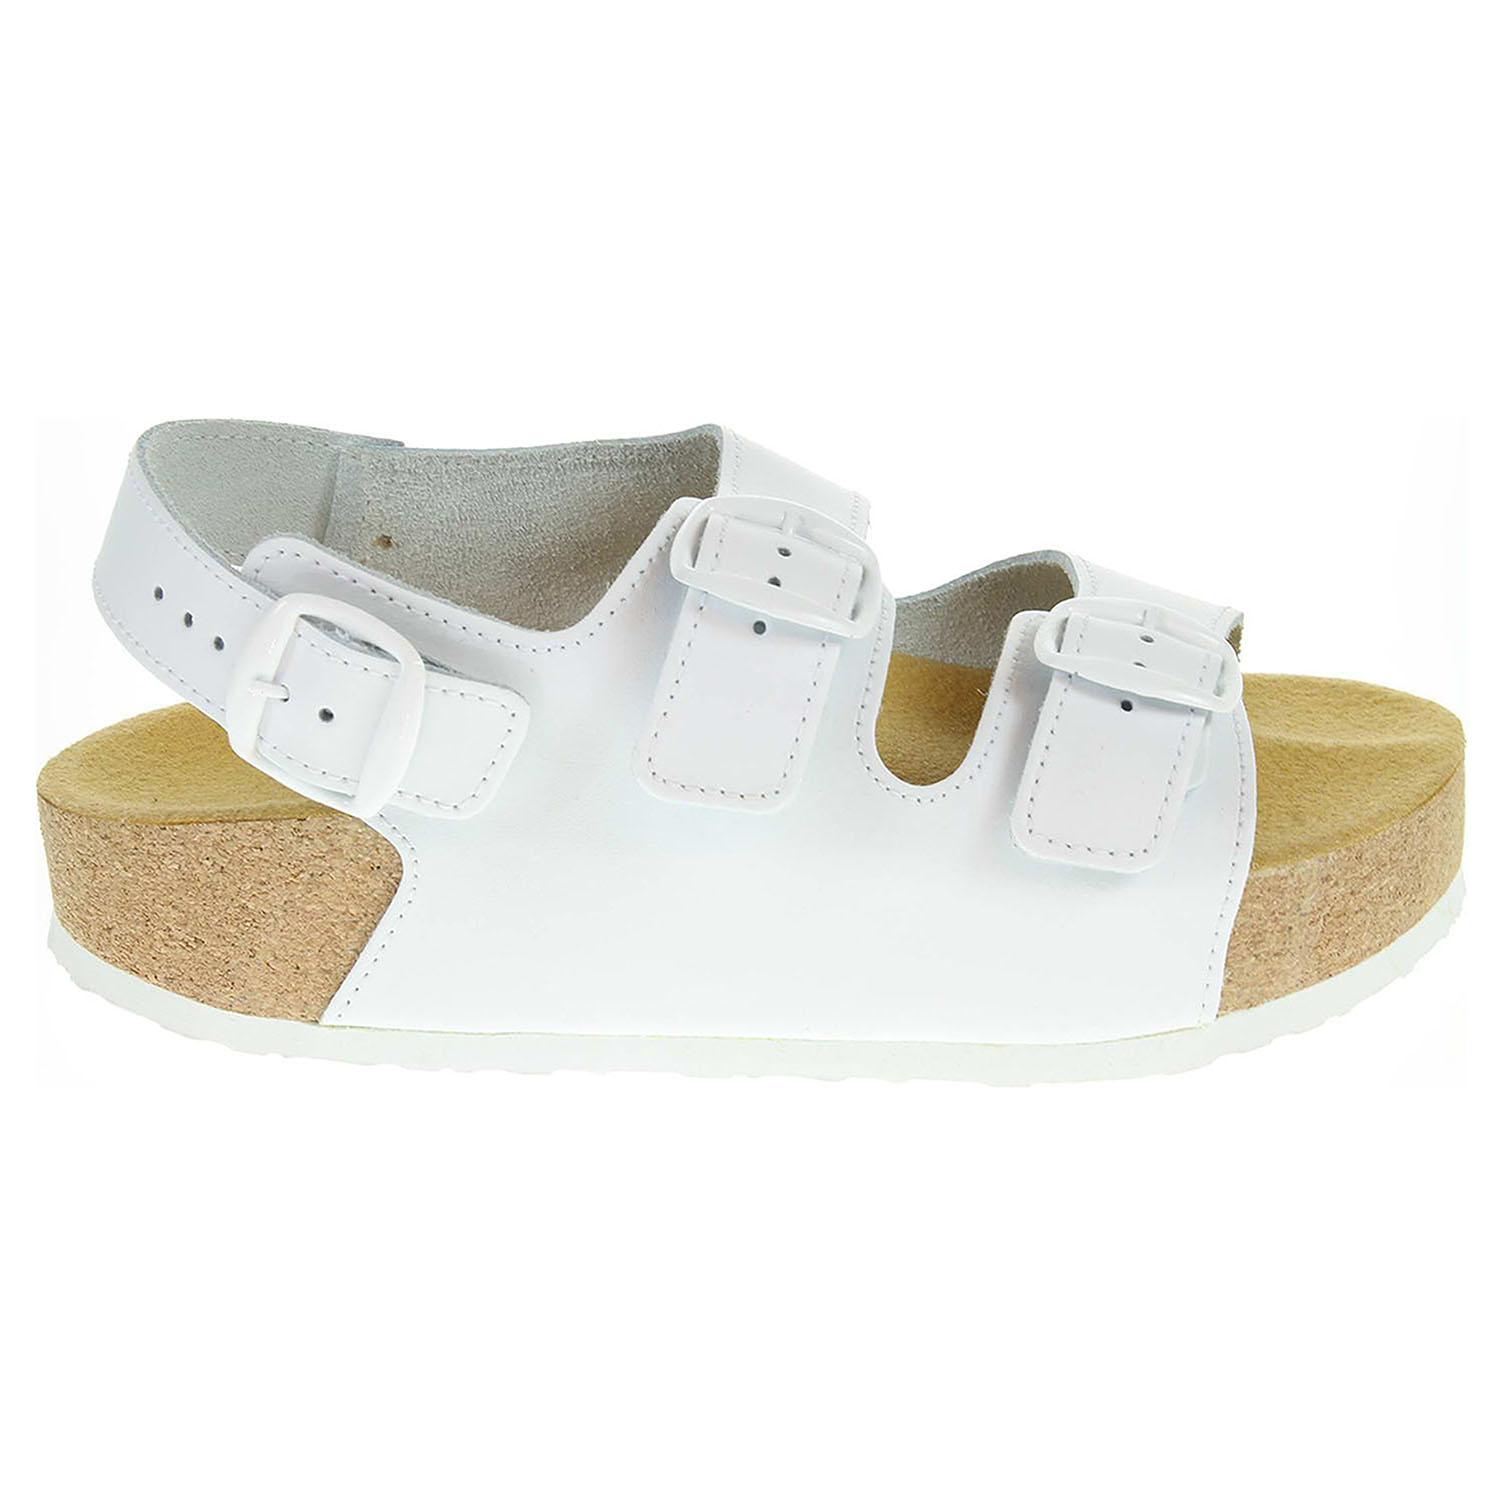 Pegres dámské sandály 3004.00 bílé 41